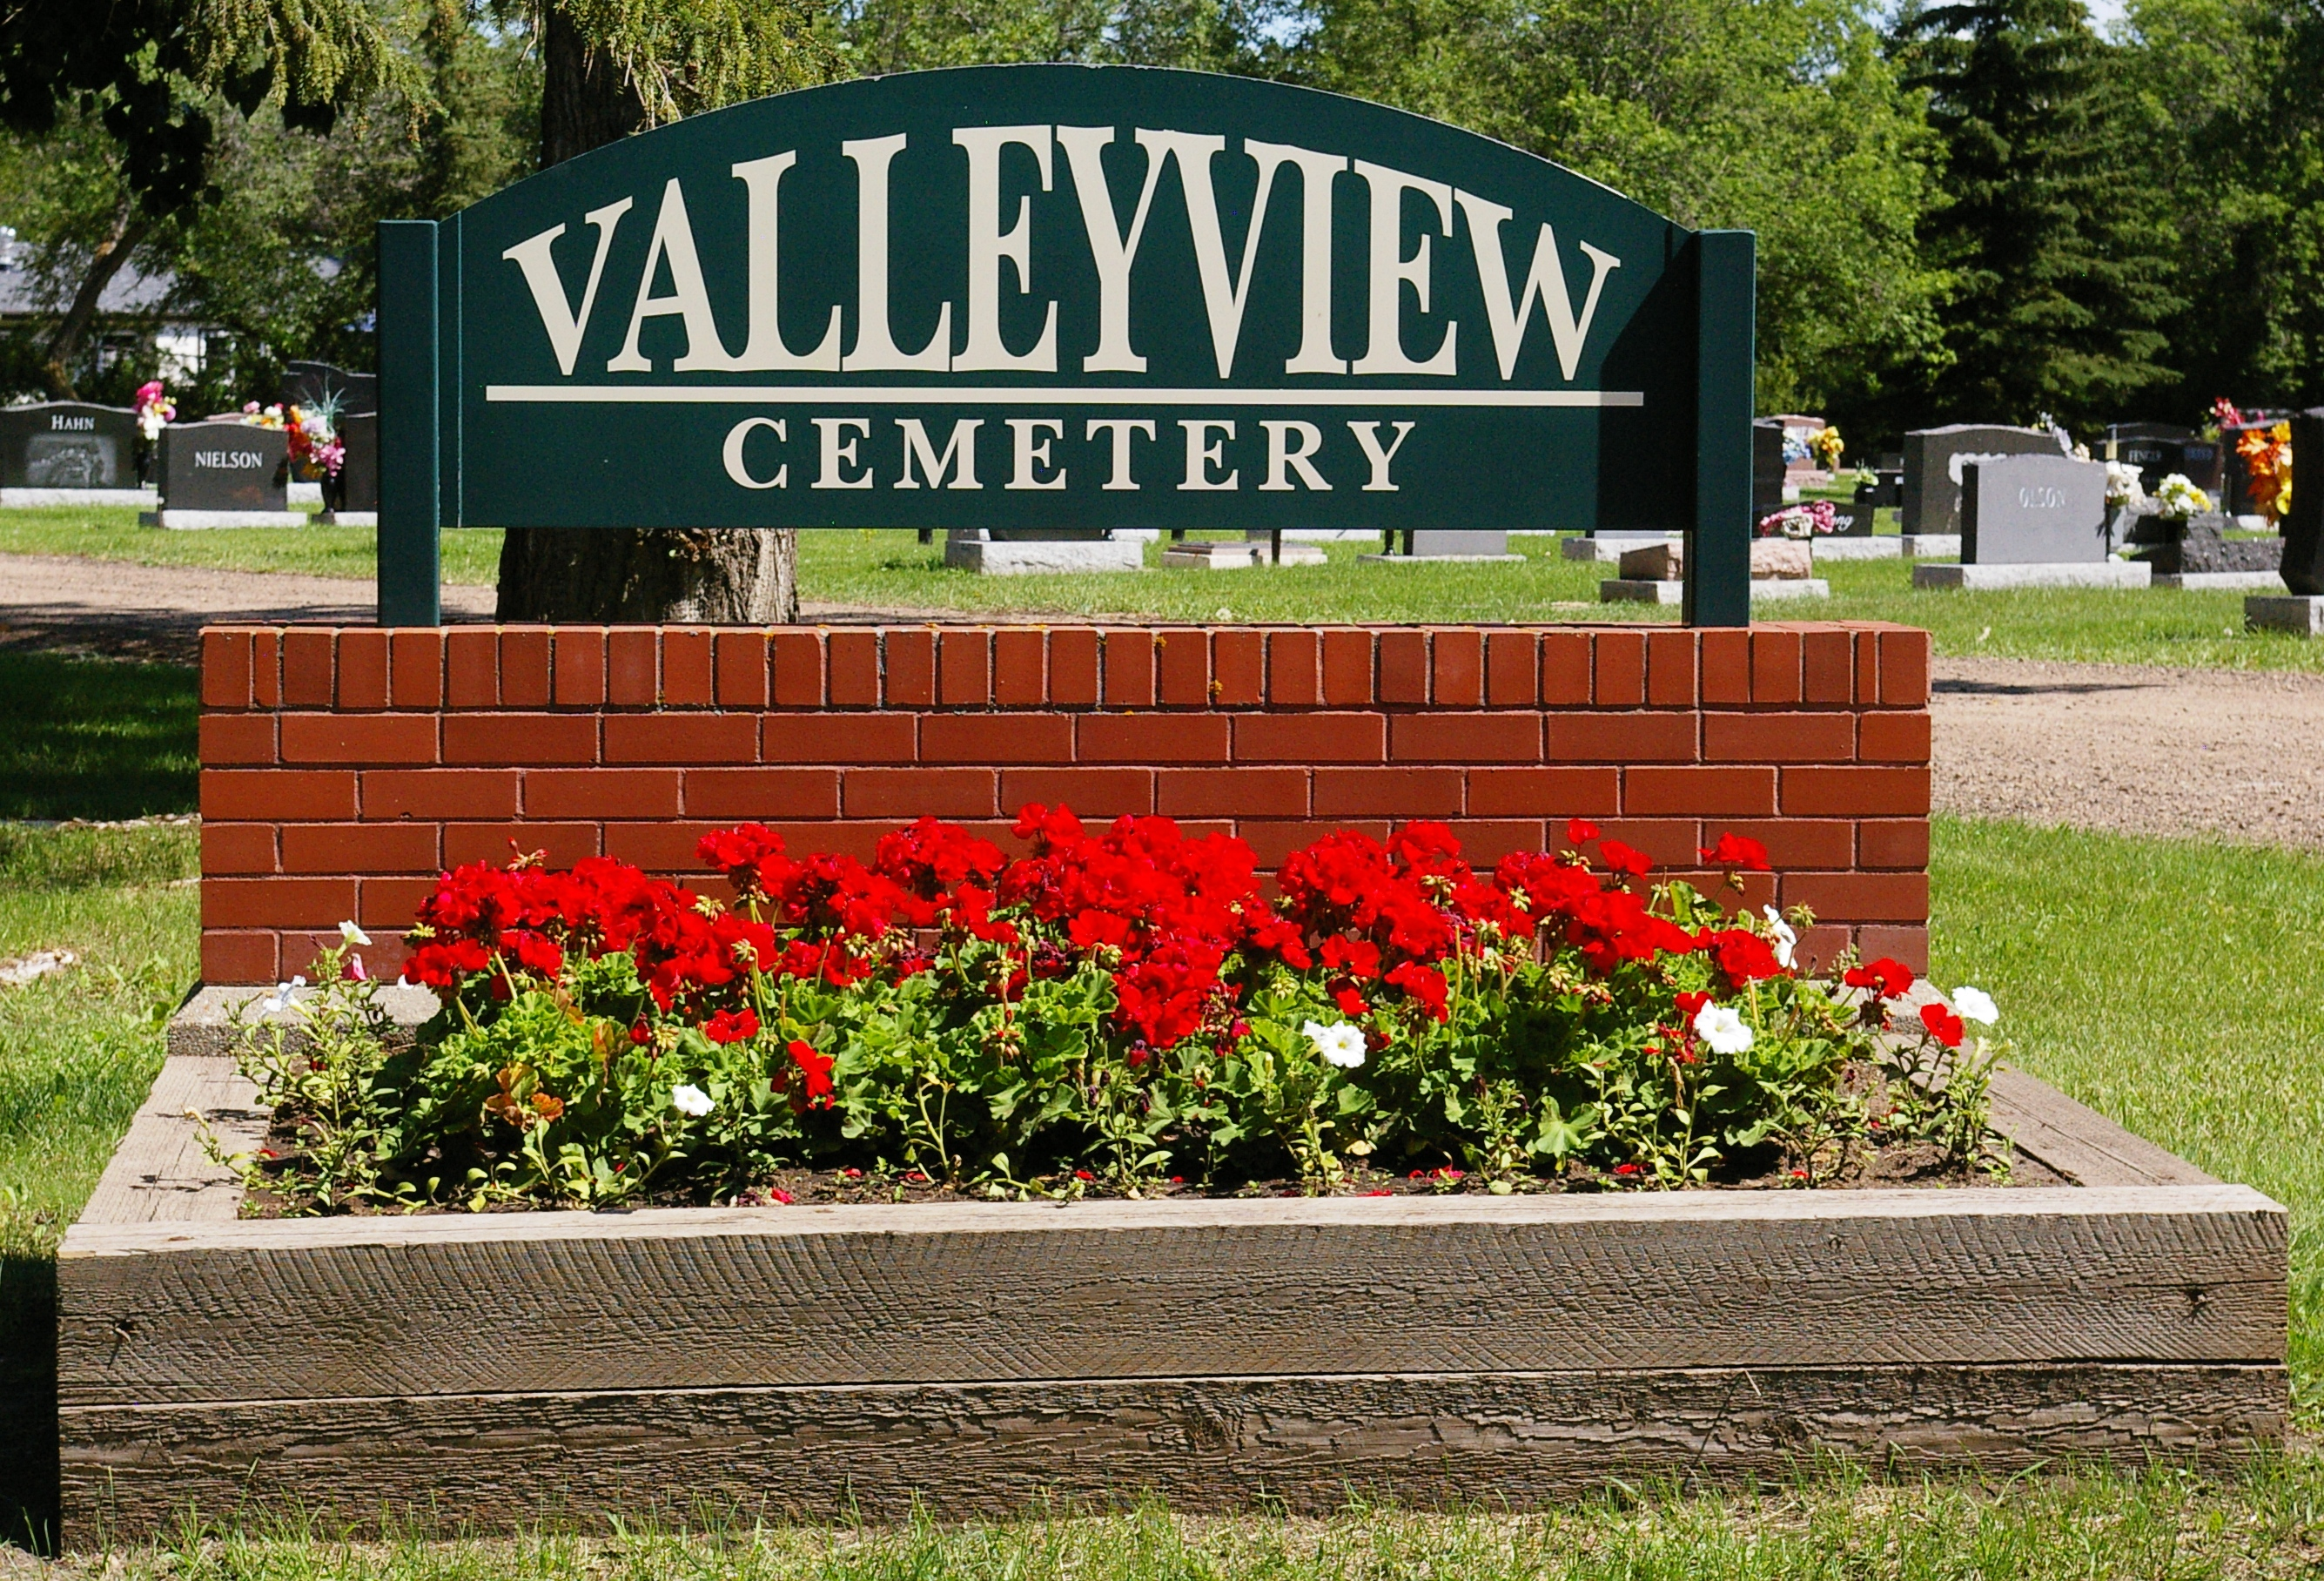 Valleyview Cemetery